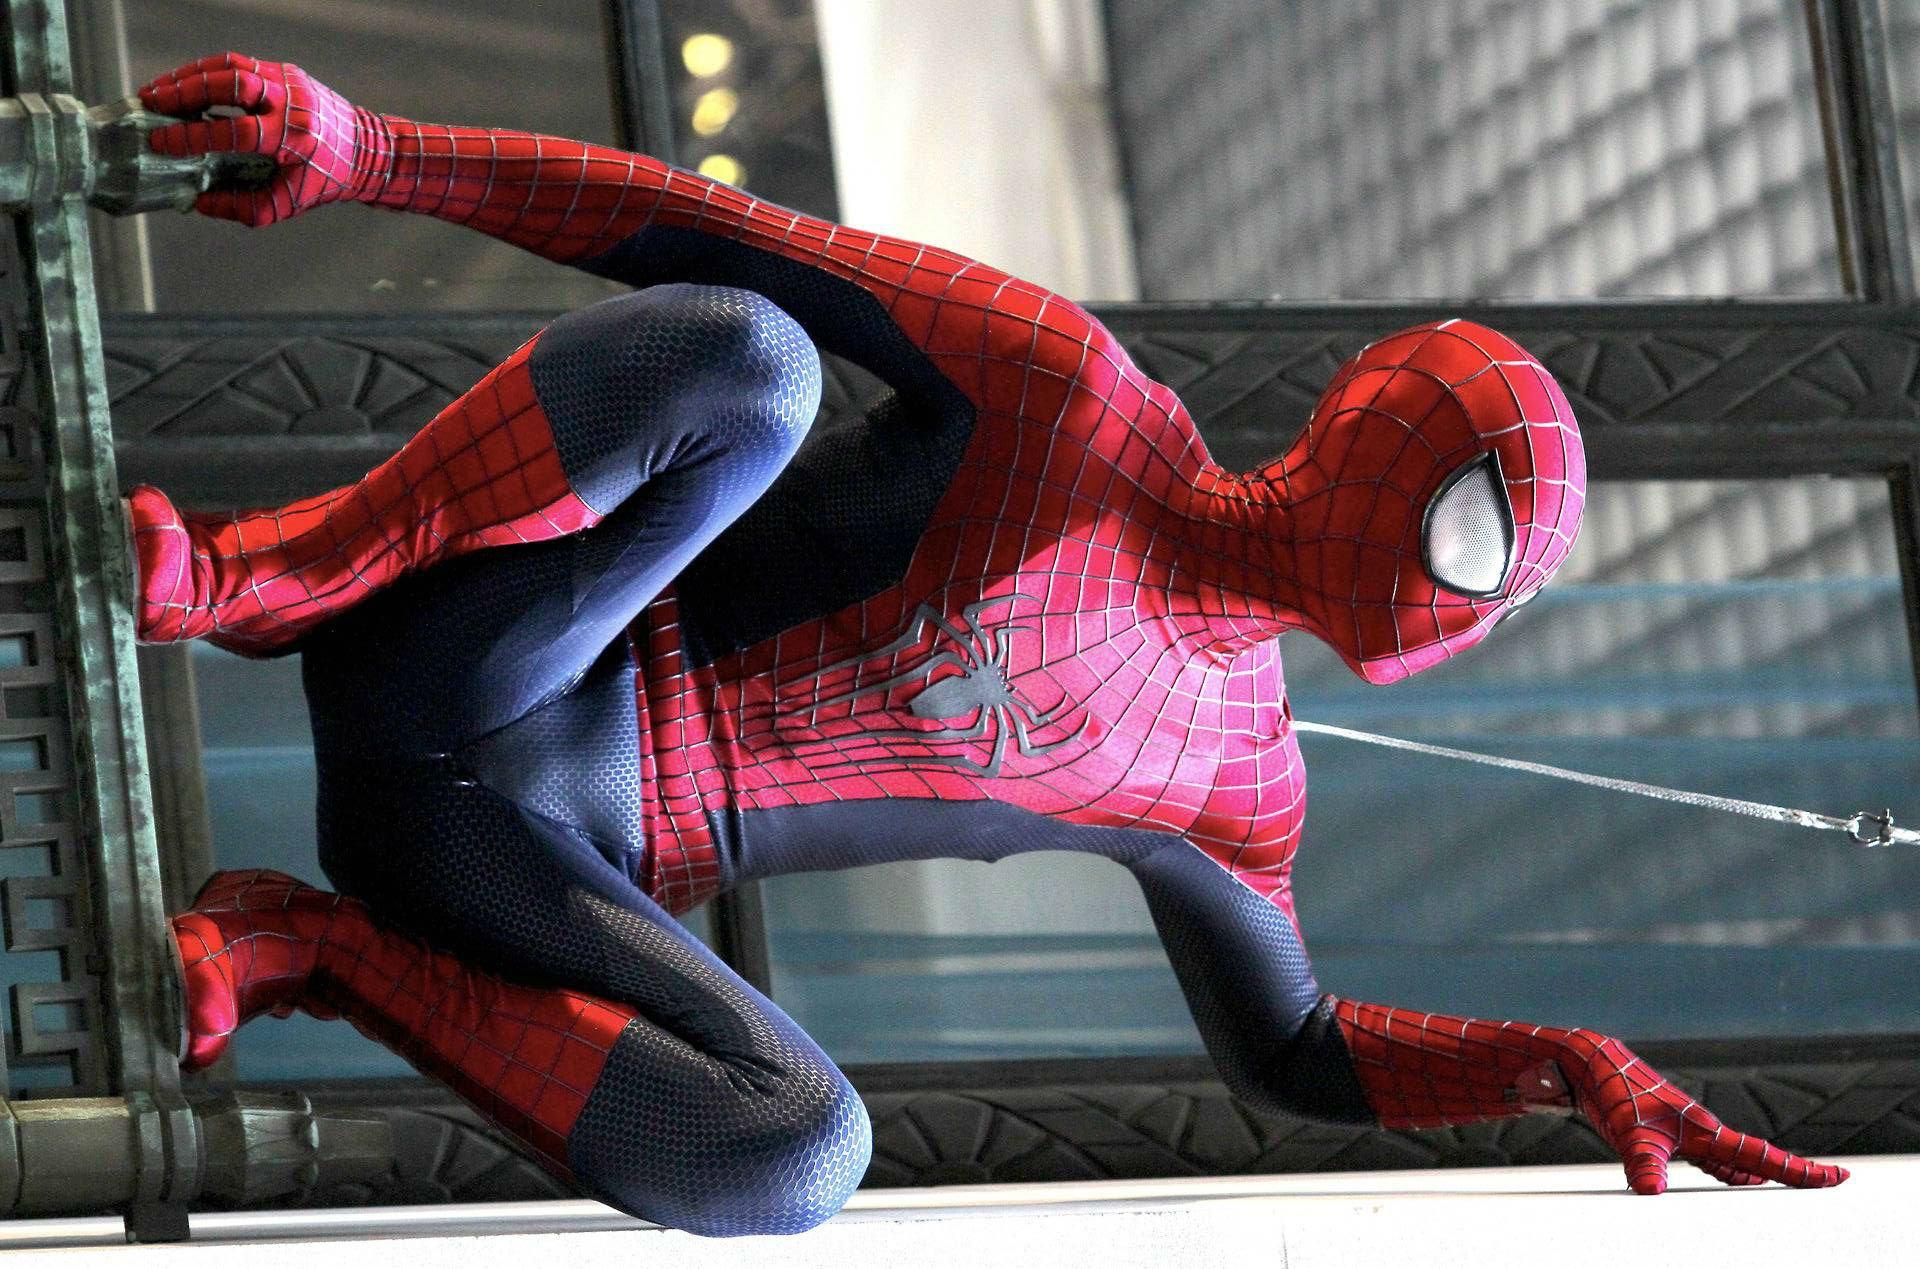 Смотреть онлайн новый человек паук высокое напряжение, Новый Человек-паук 5: Высокое напряжение 29 фотография